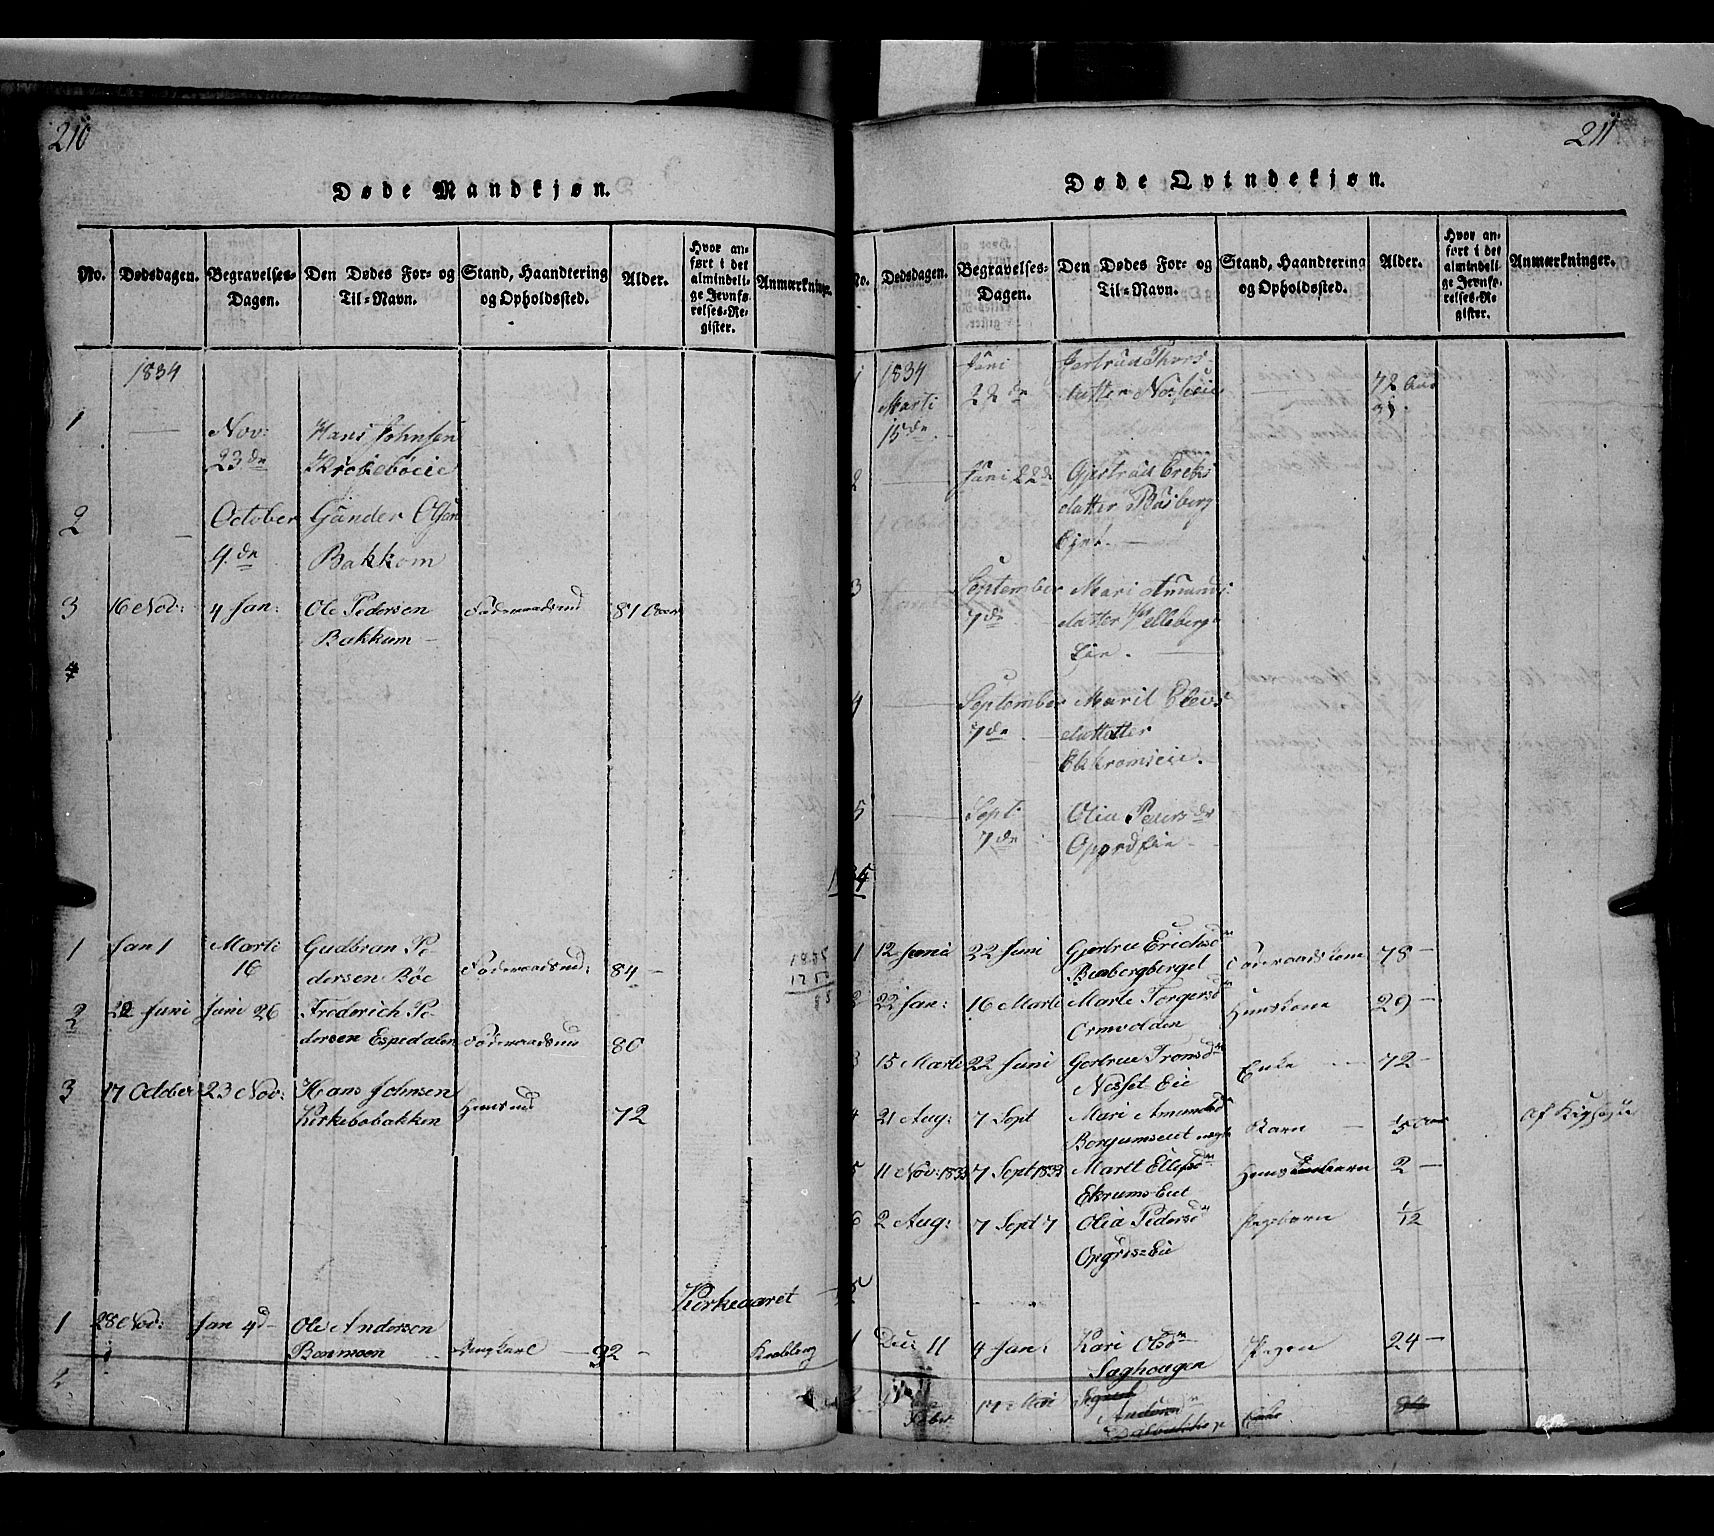 SAH, Gausdal prestekontor, Klokkerbok nr. 2, 1818-1874, s. 210-211